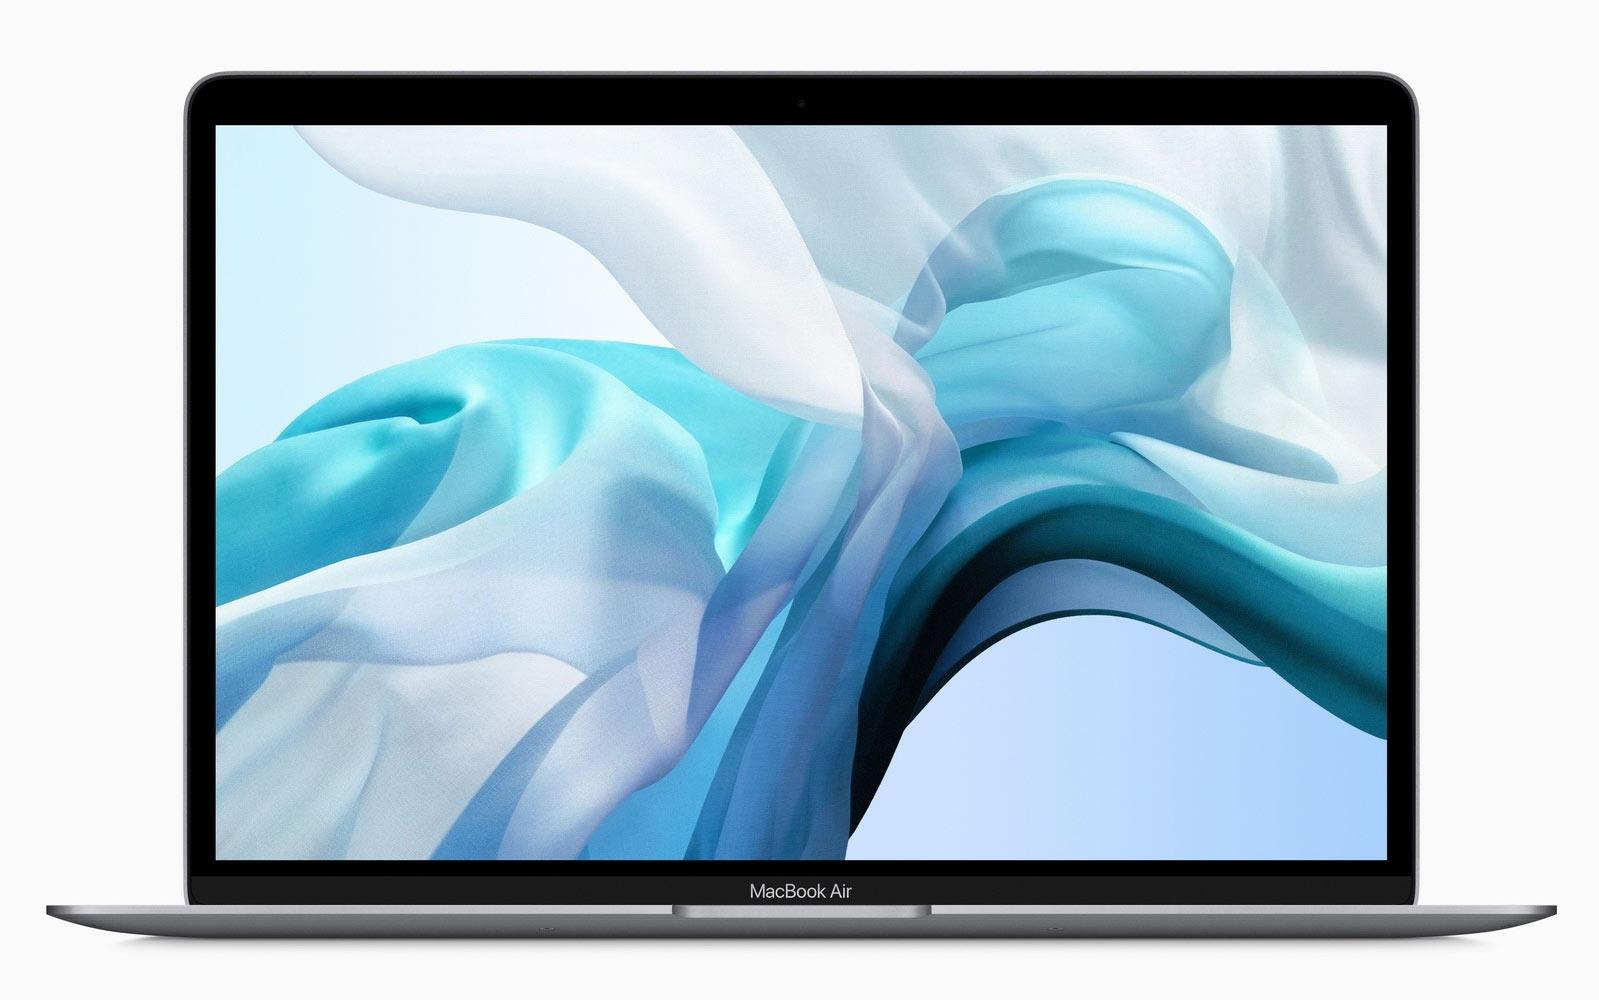 新款MacBook Air暗中缩水:SSD读取速度骤降35%